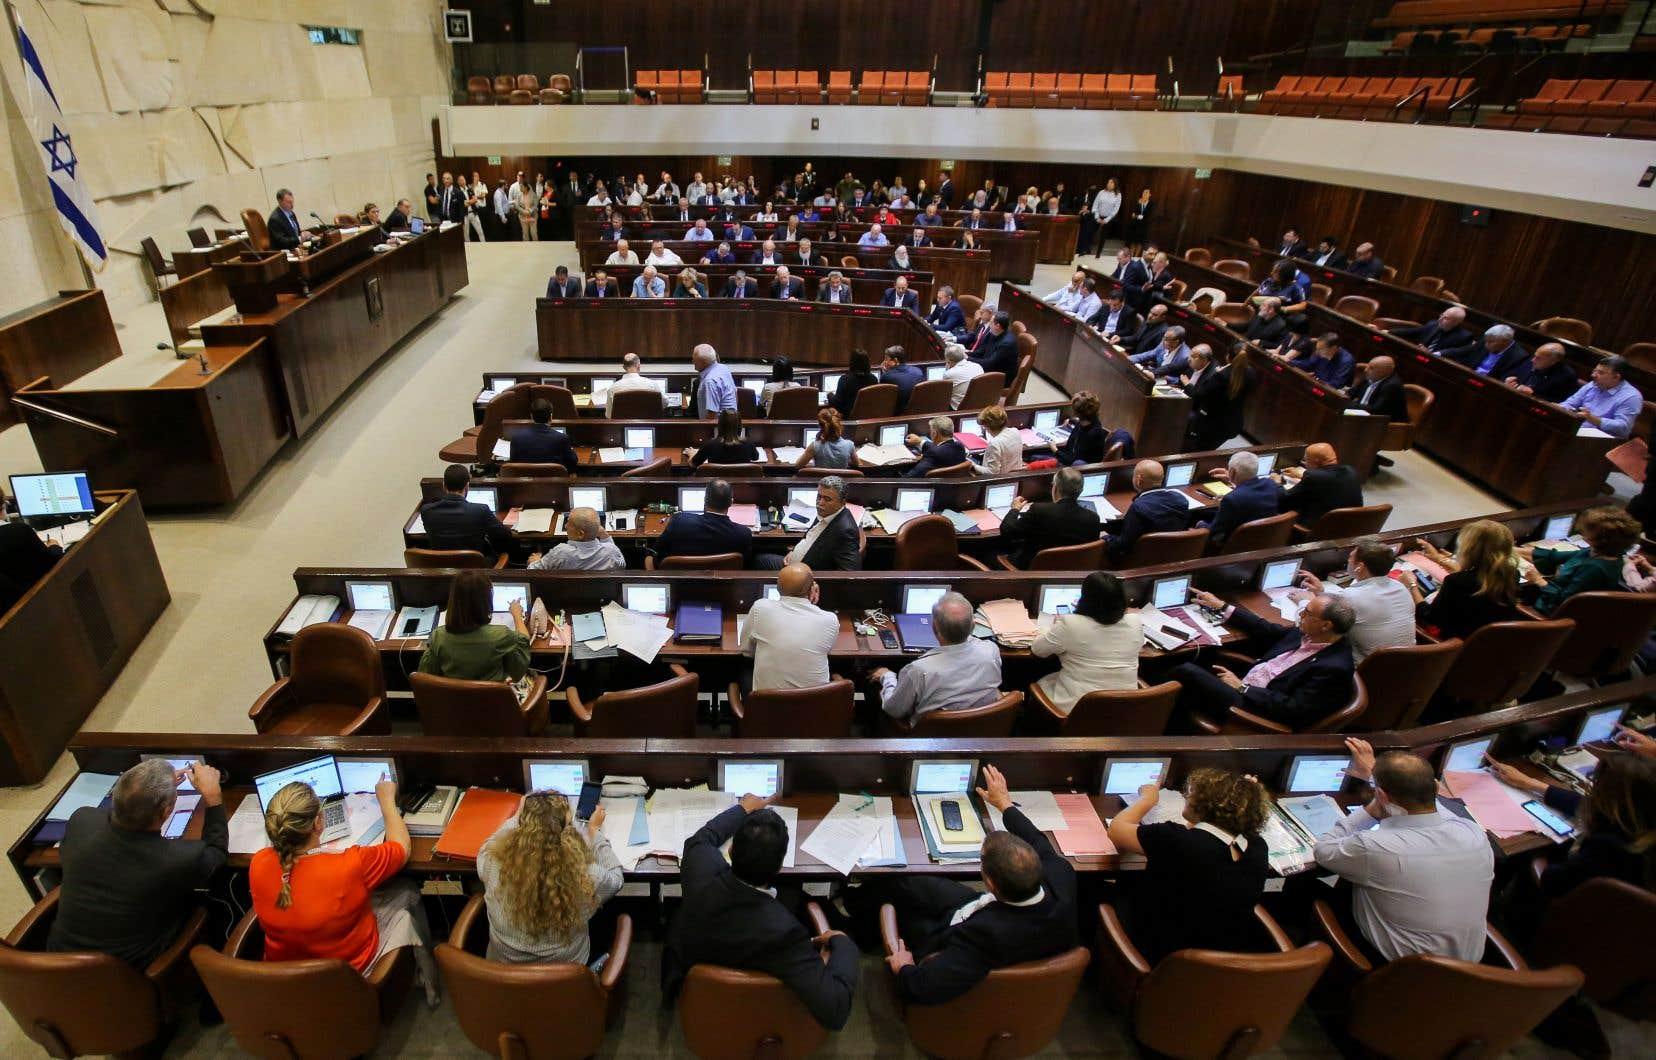 La loi labelle «l'État d'Israël comme l'État national du peuple juif où celui-ci applique son droit naturel, culturel, religieux, historique».